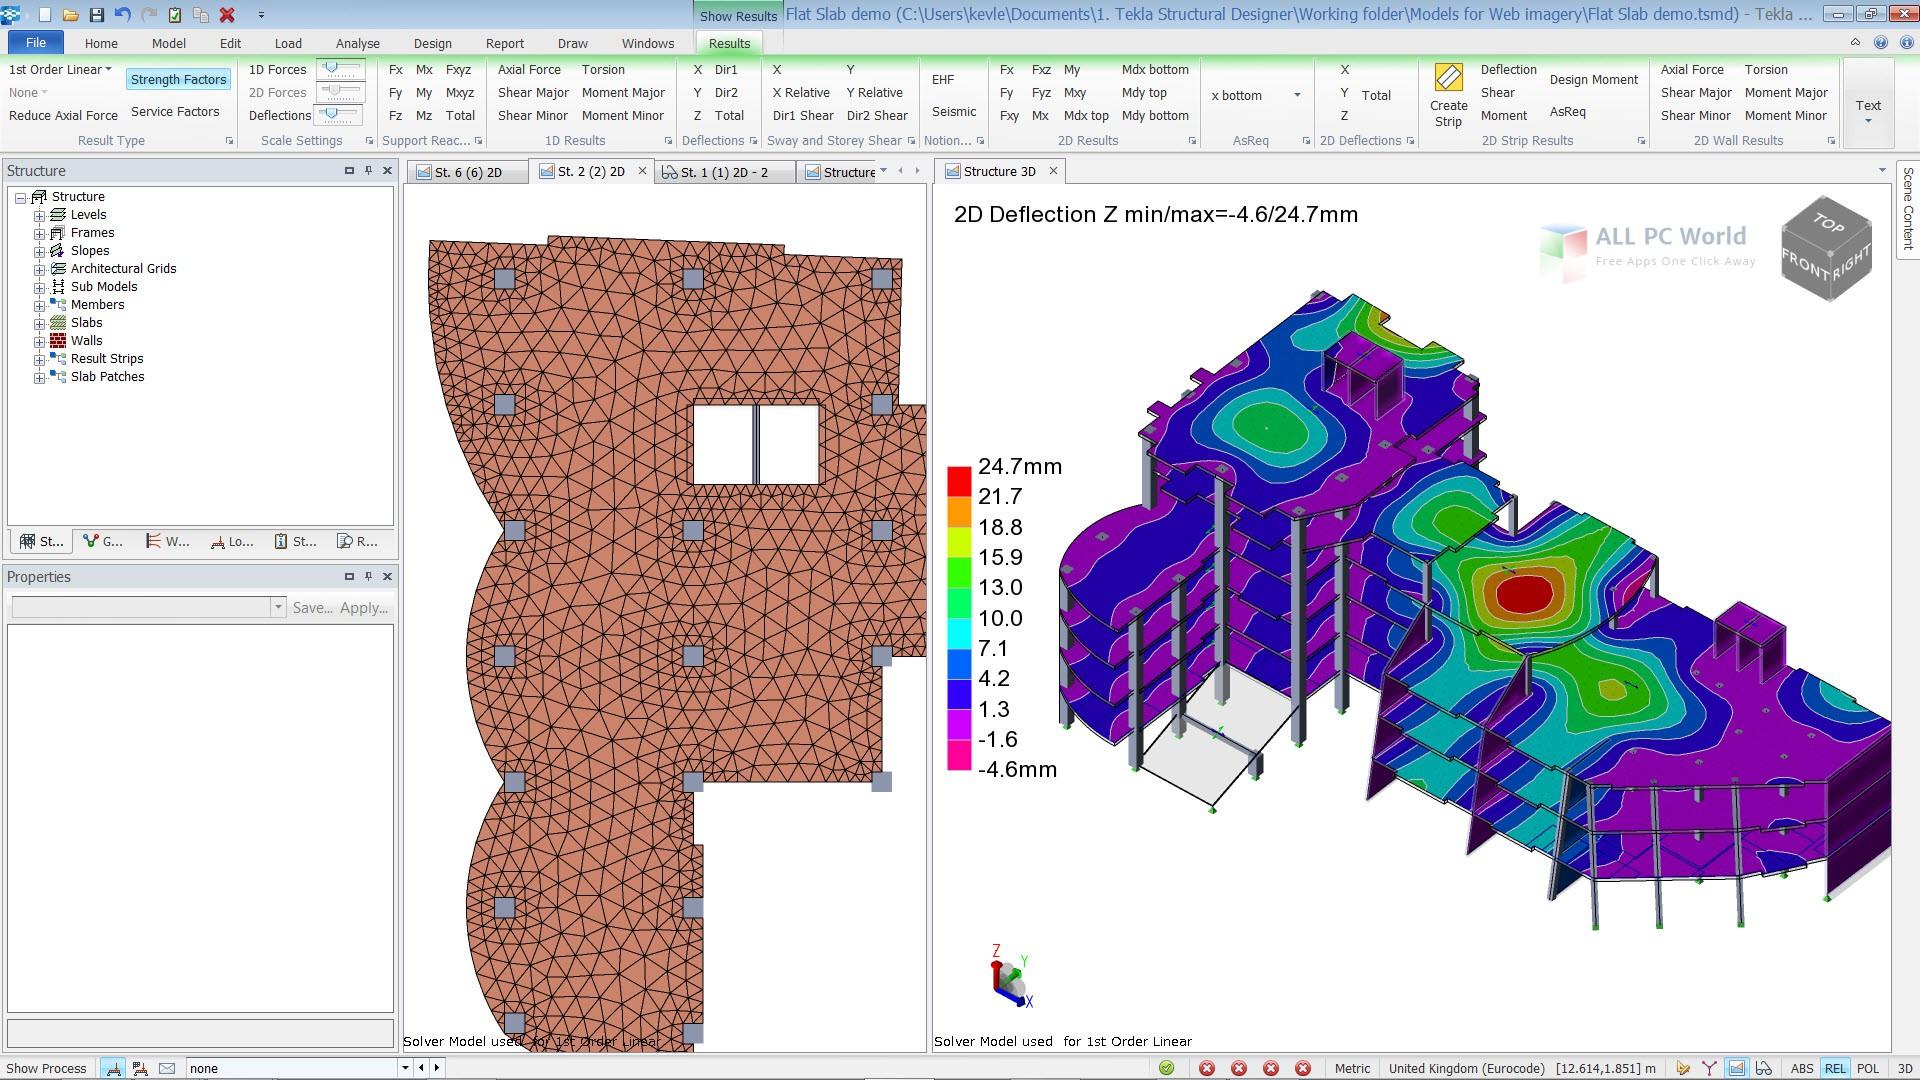 Tekla Structural Designer 2019 SP2 v19.0 Free Download